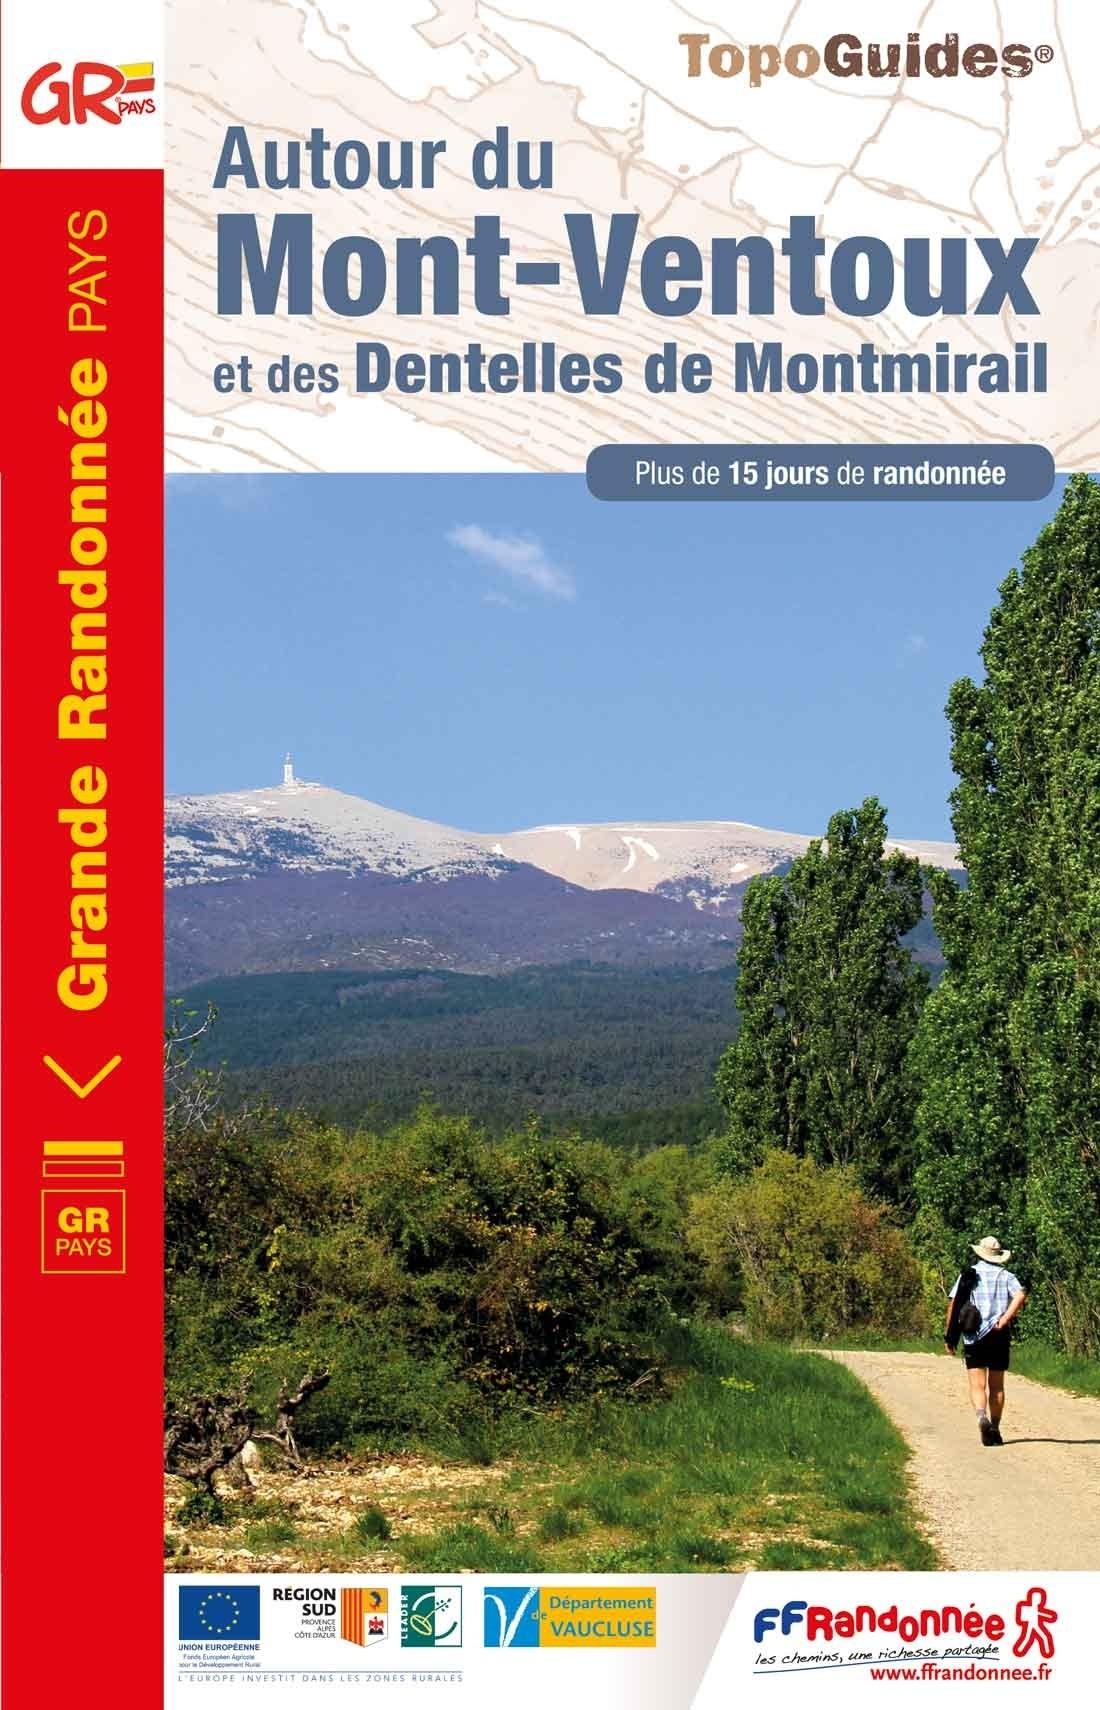 TG-8400  Autour du Mont Ventoux | wandelgids 9782751410215  FFRP topoguides à grande randonnée  Meerdaagse wandelroutes, Wandelgidsen Provence, Marseille, Camargue